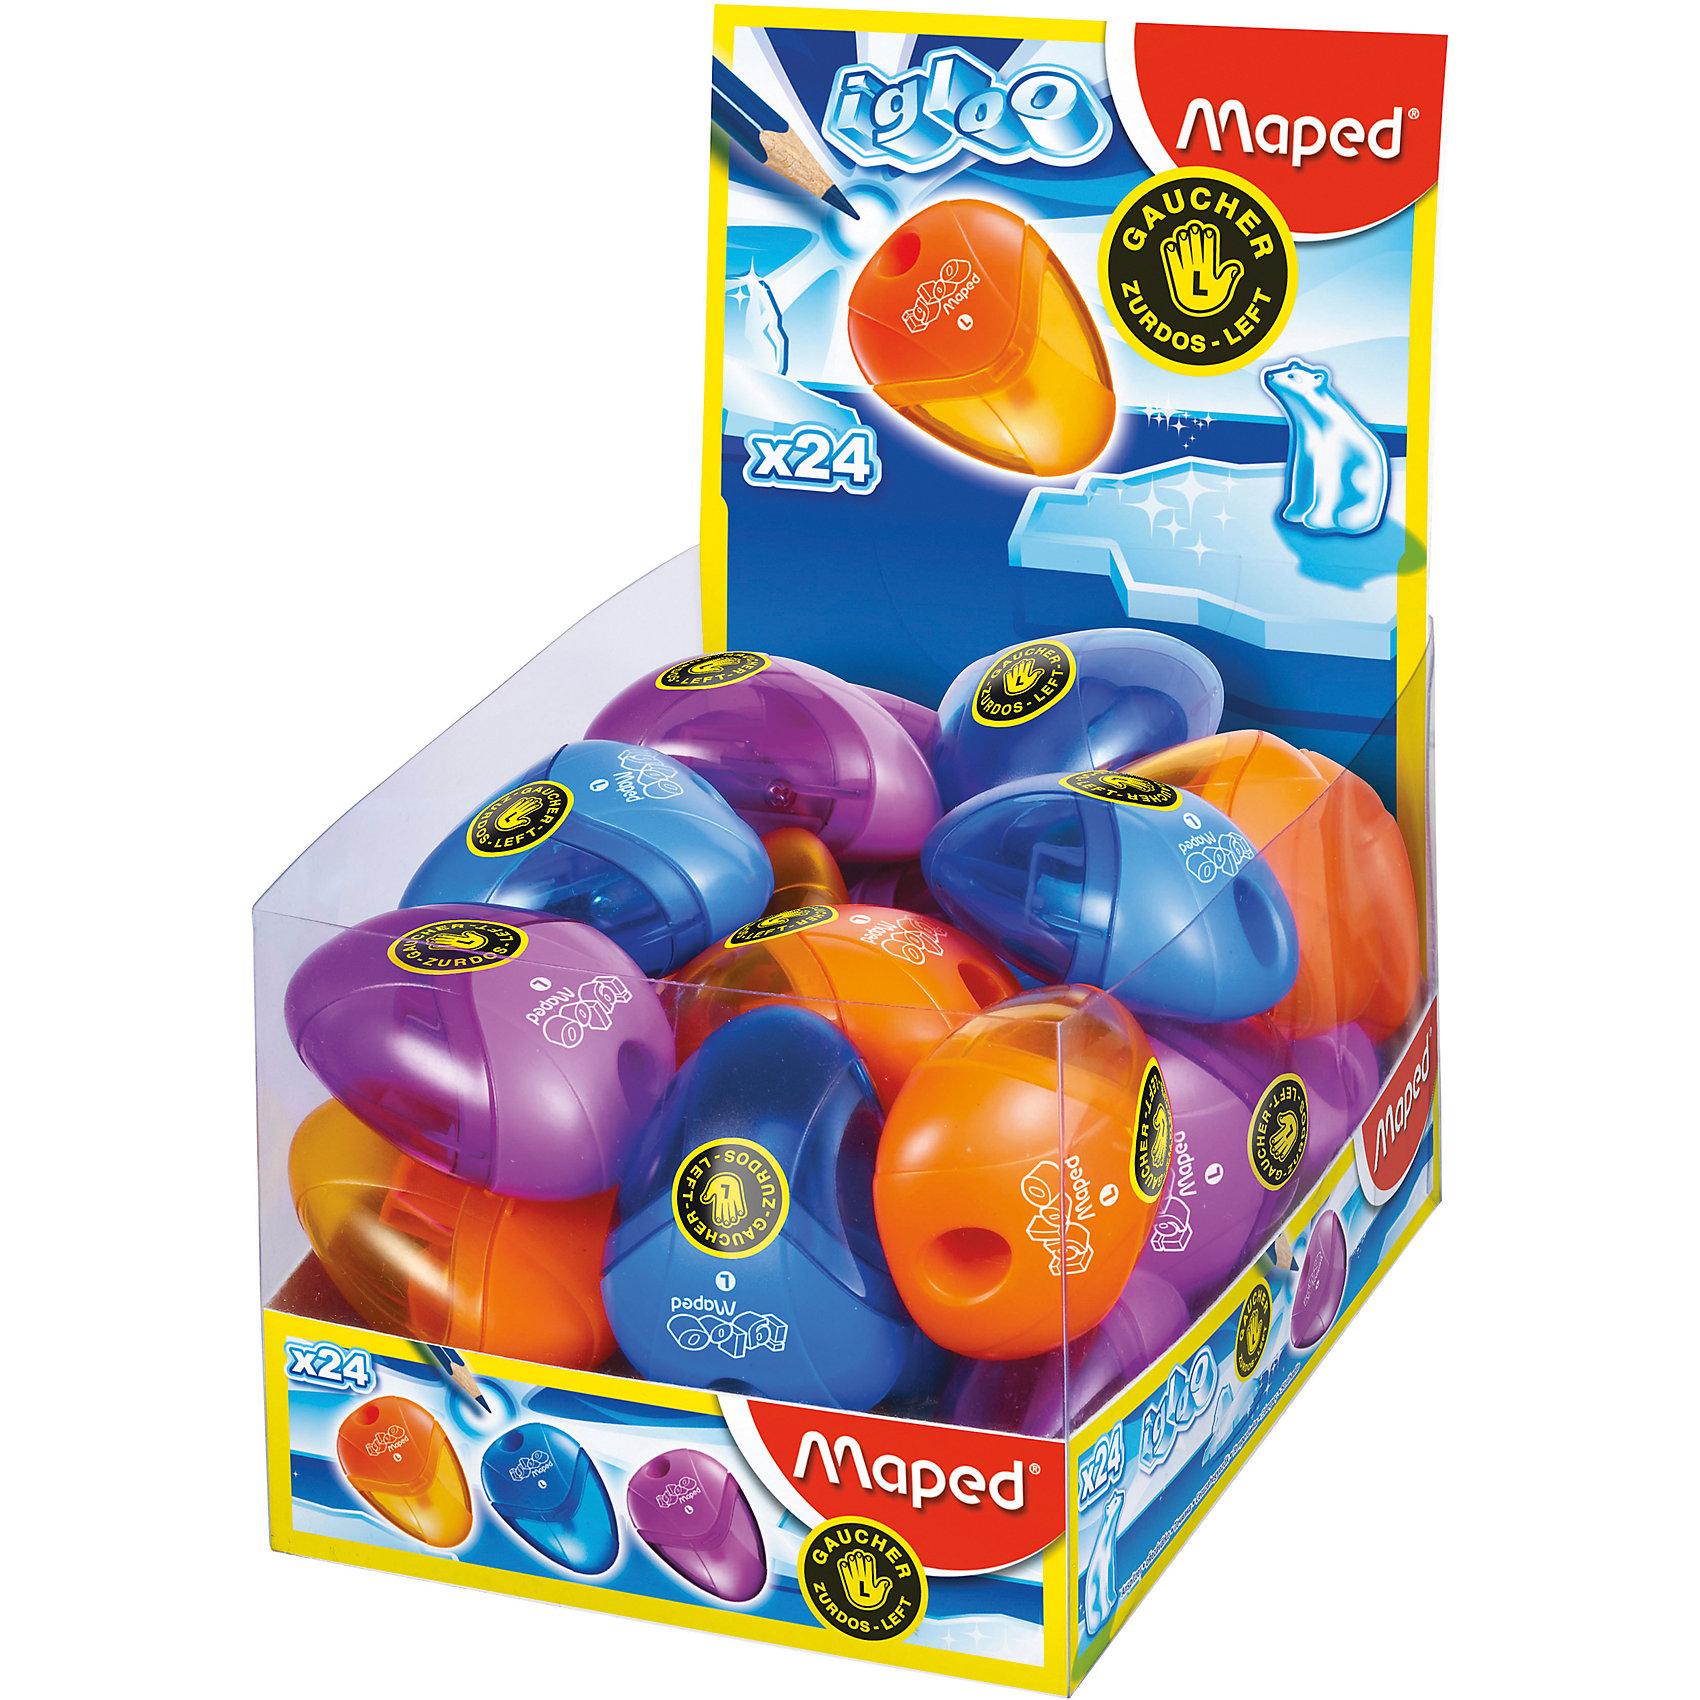 Точилка пластиковая I-GLOO, цвет в ассортименте, MAPEDТовары для левшей<br>Точилка пластиковая I-GLOO, MAPED (МАПЕД).<br><br>Характеристики:<br><br>• Для детей в возрасте: от 6 лет<br>• Для левшей<br>• В наборе: 1 точилка<br>• Материал корпуса: пластик<br>• Размер: 5,5 x 4 x 1,5 см.<br>• ВНИМАНИЕ! Данный артикул представлен в различном цветовом исполнении. К сожалению, заранее выбрать определенный вариант невозможно. При заказе нескольких точилок возможно получение одинаковых<br><br>Точилка I-GLOO с 1 отверстием для левшей выполнена из ударопрочного пластика. Острое металлическое лезвие обеспечивает качественную и точную заточку. Полупрозрачный контейнер для сбора стружки позволяет визуально контролировать уровень заполнения и вовремя производить очистку.<br><br>Точилку пластиковую I-GLOO, MAPED (МАПЕД) можно купить в нашем интернет-магазине.<br><br>Ширина мм: 48<br>Глубина мм: 37<br>Высота мм: 240<br>Вес г: 11<br>Возраст от месяцев: 72<br>Возраст до месяцев: 2147483647<br>Пол: Унисекс<br>Возраст: Детский<br>SKU: 5530060